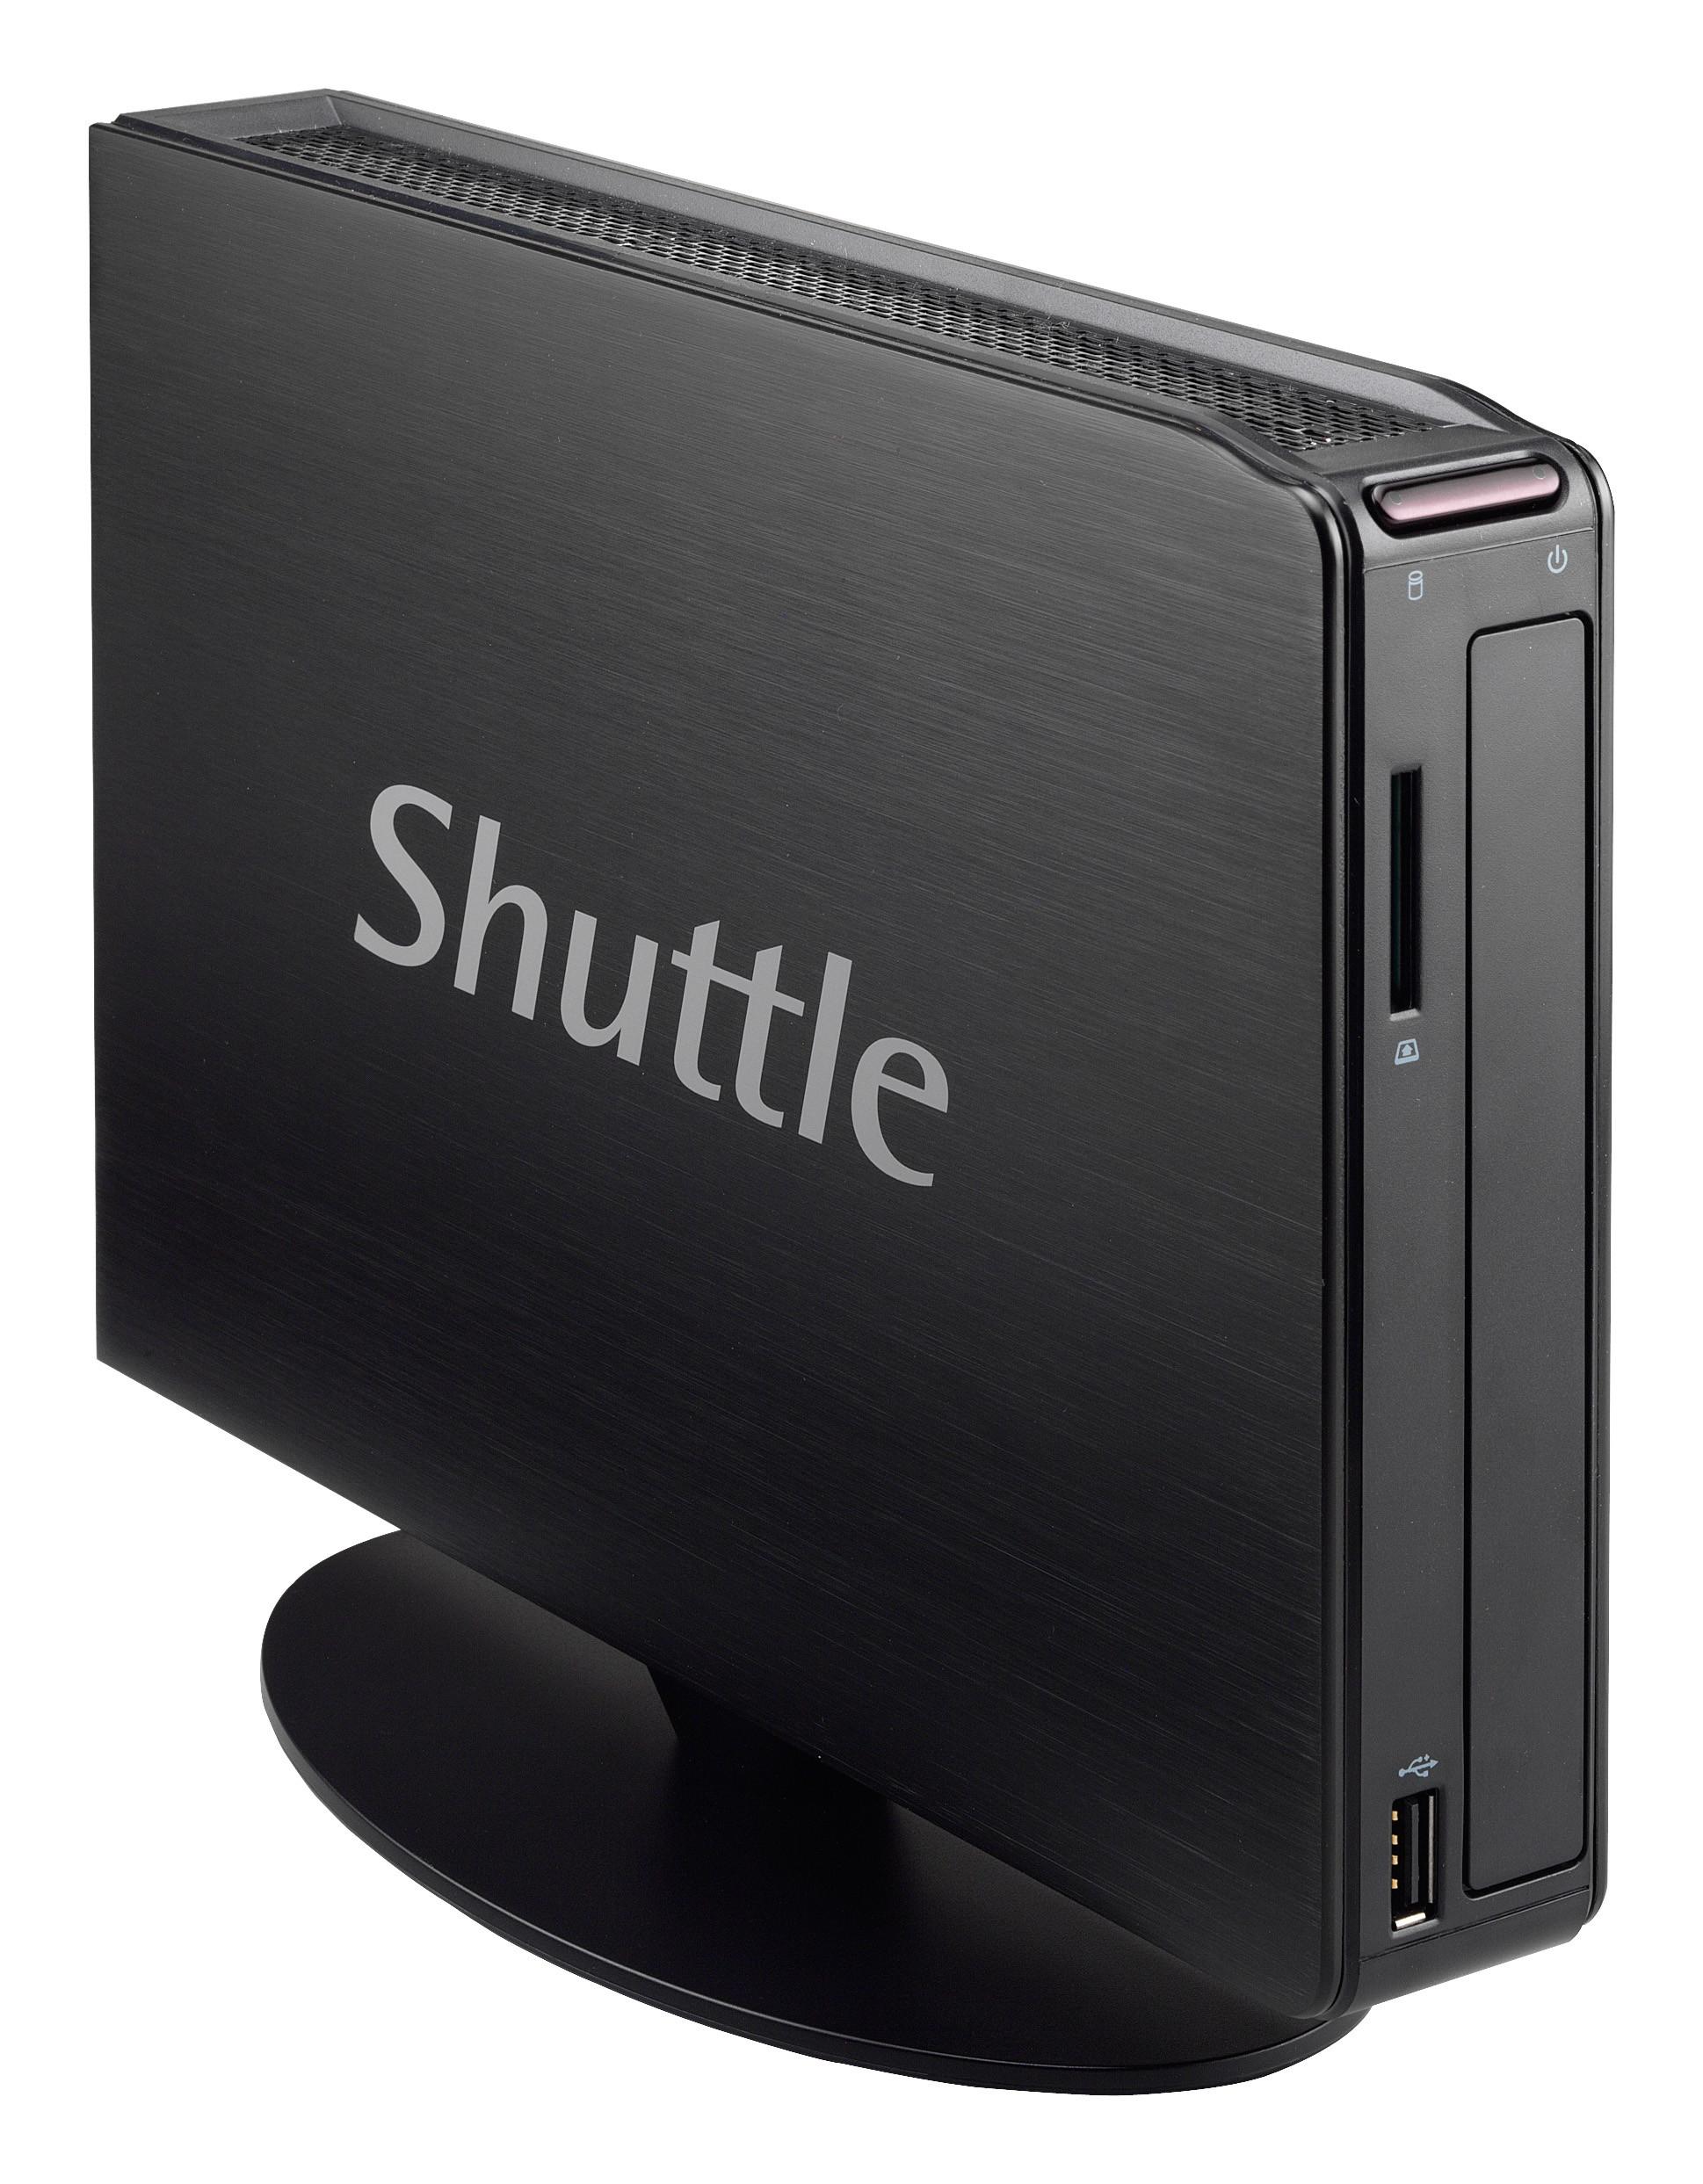 Shuttle X35V5Pro